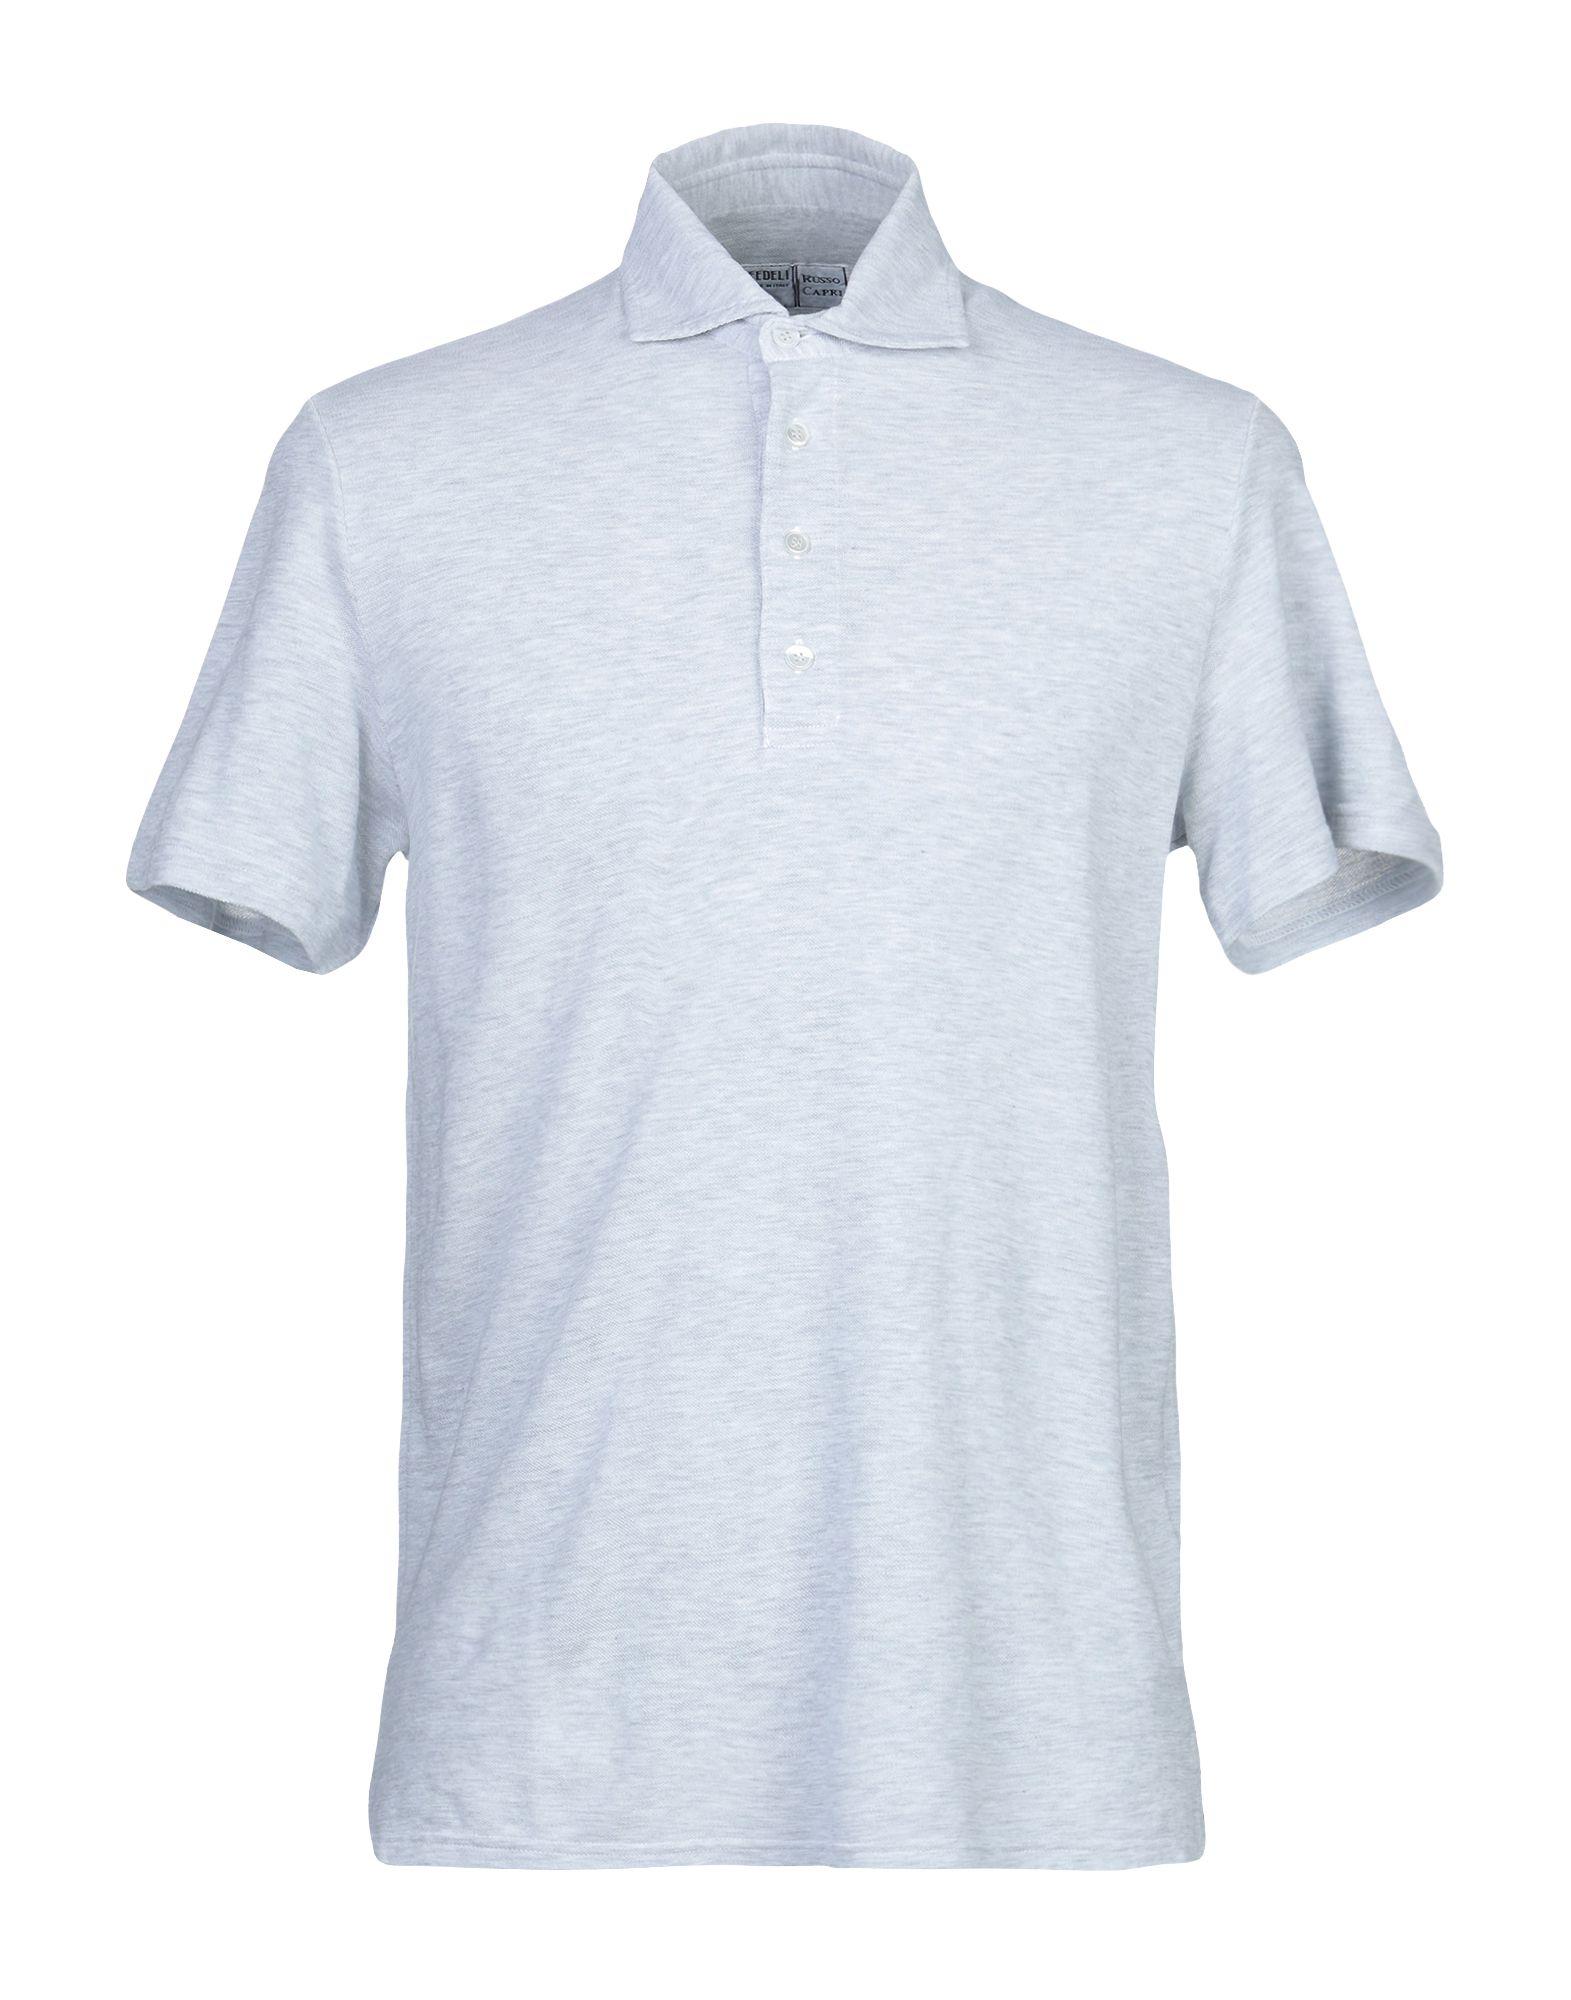 《期間限定セール中》FEDELI メンズ ポロシャツ ライトグレー 50 コットン 100%